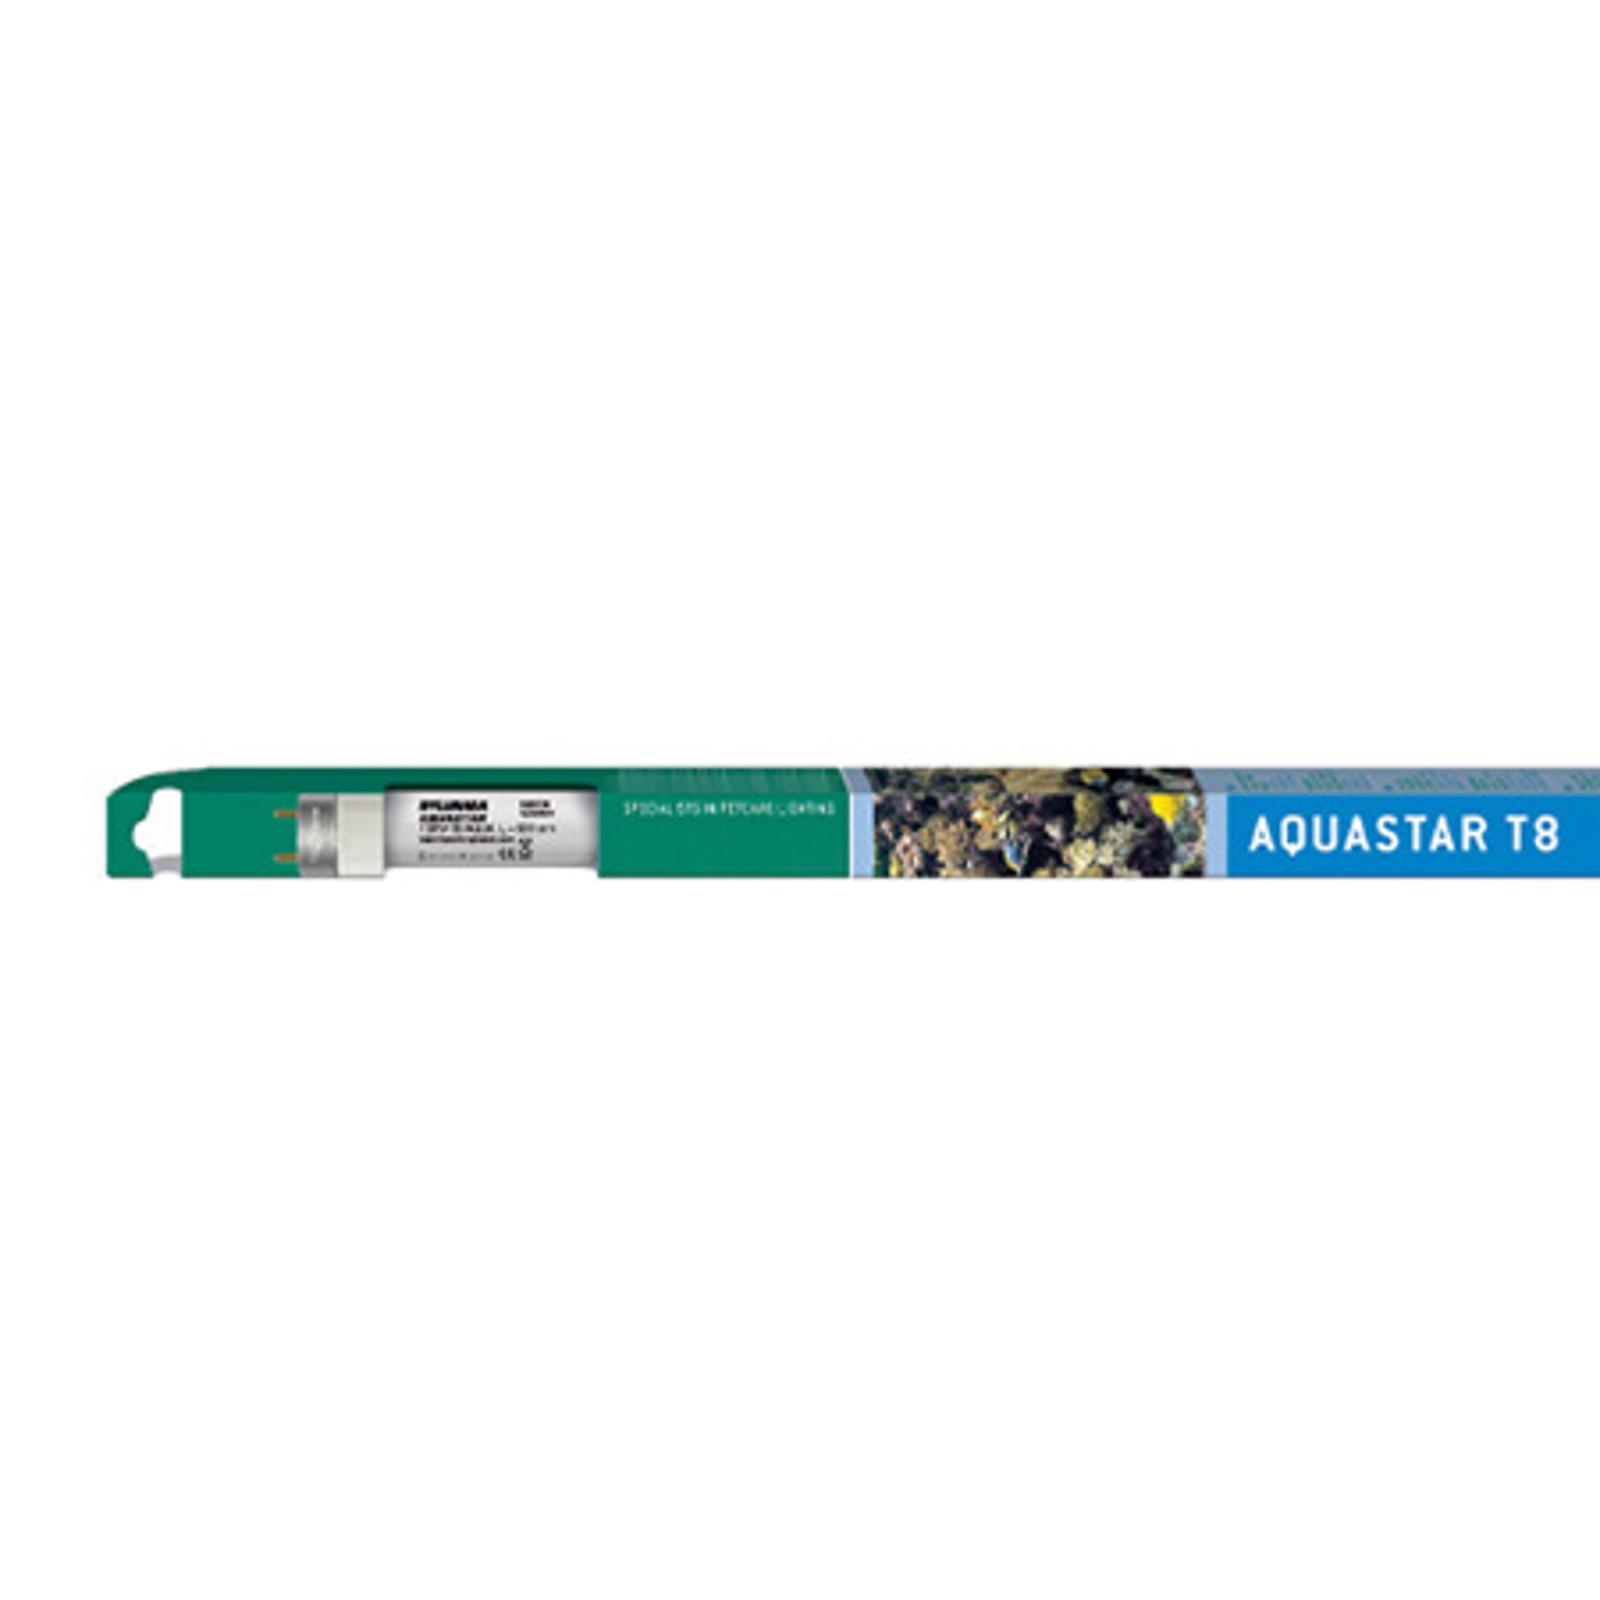 G13 T8 25W Aquastar tageslicht Speziallampe